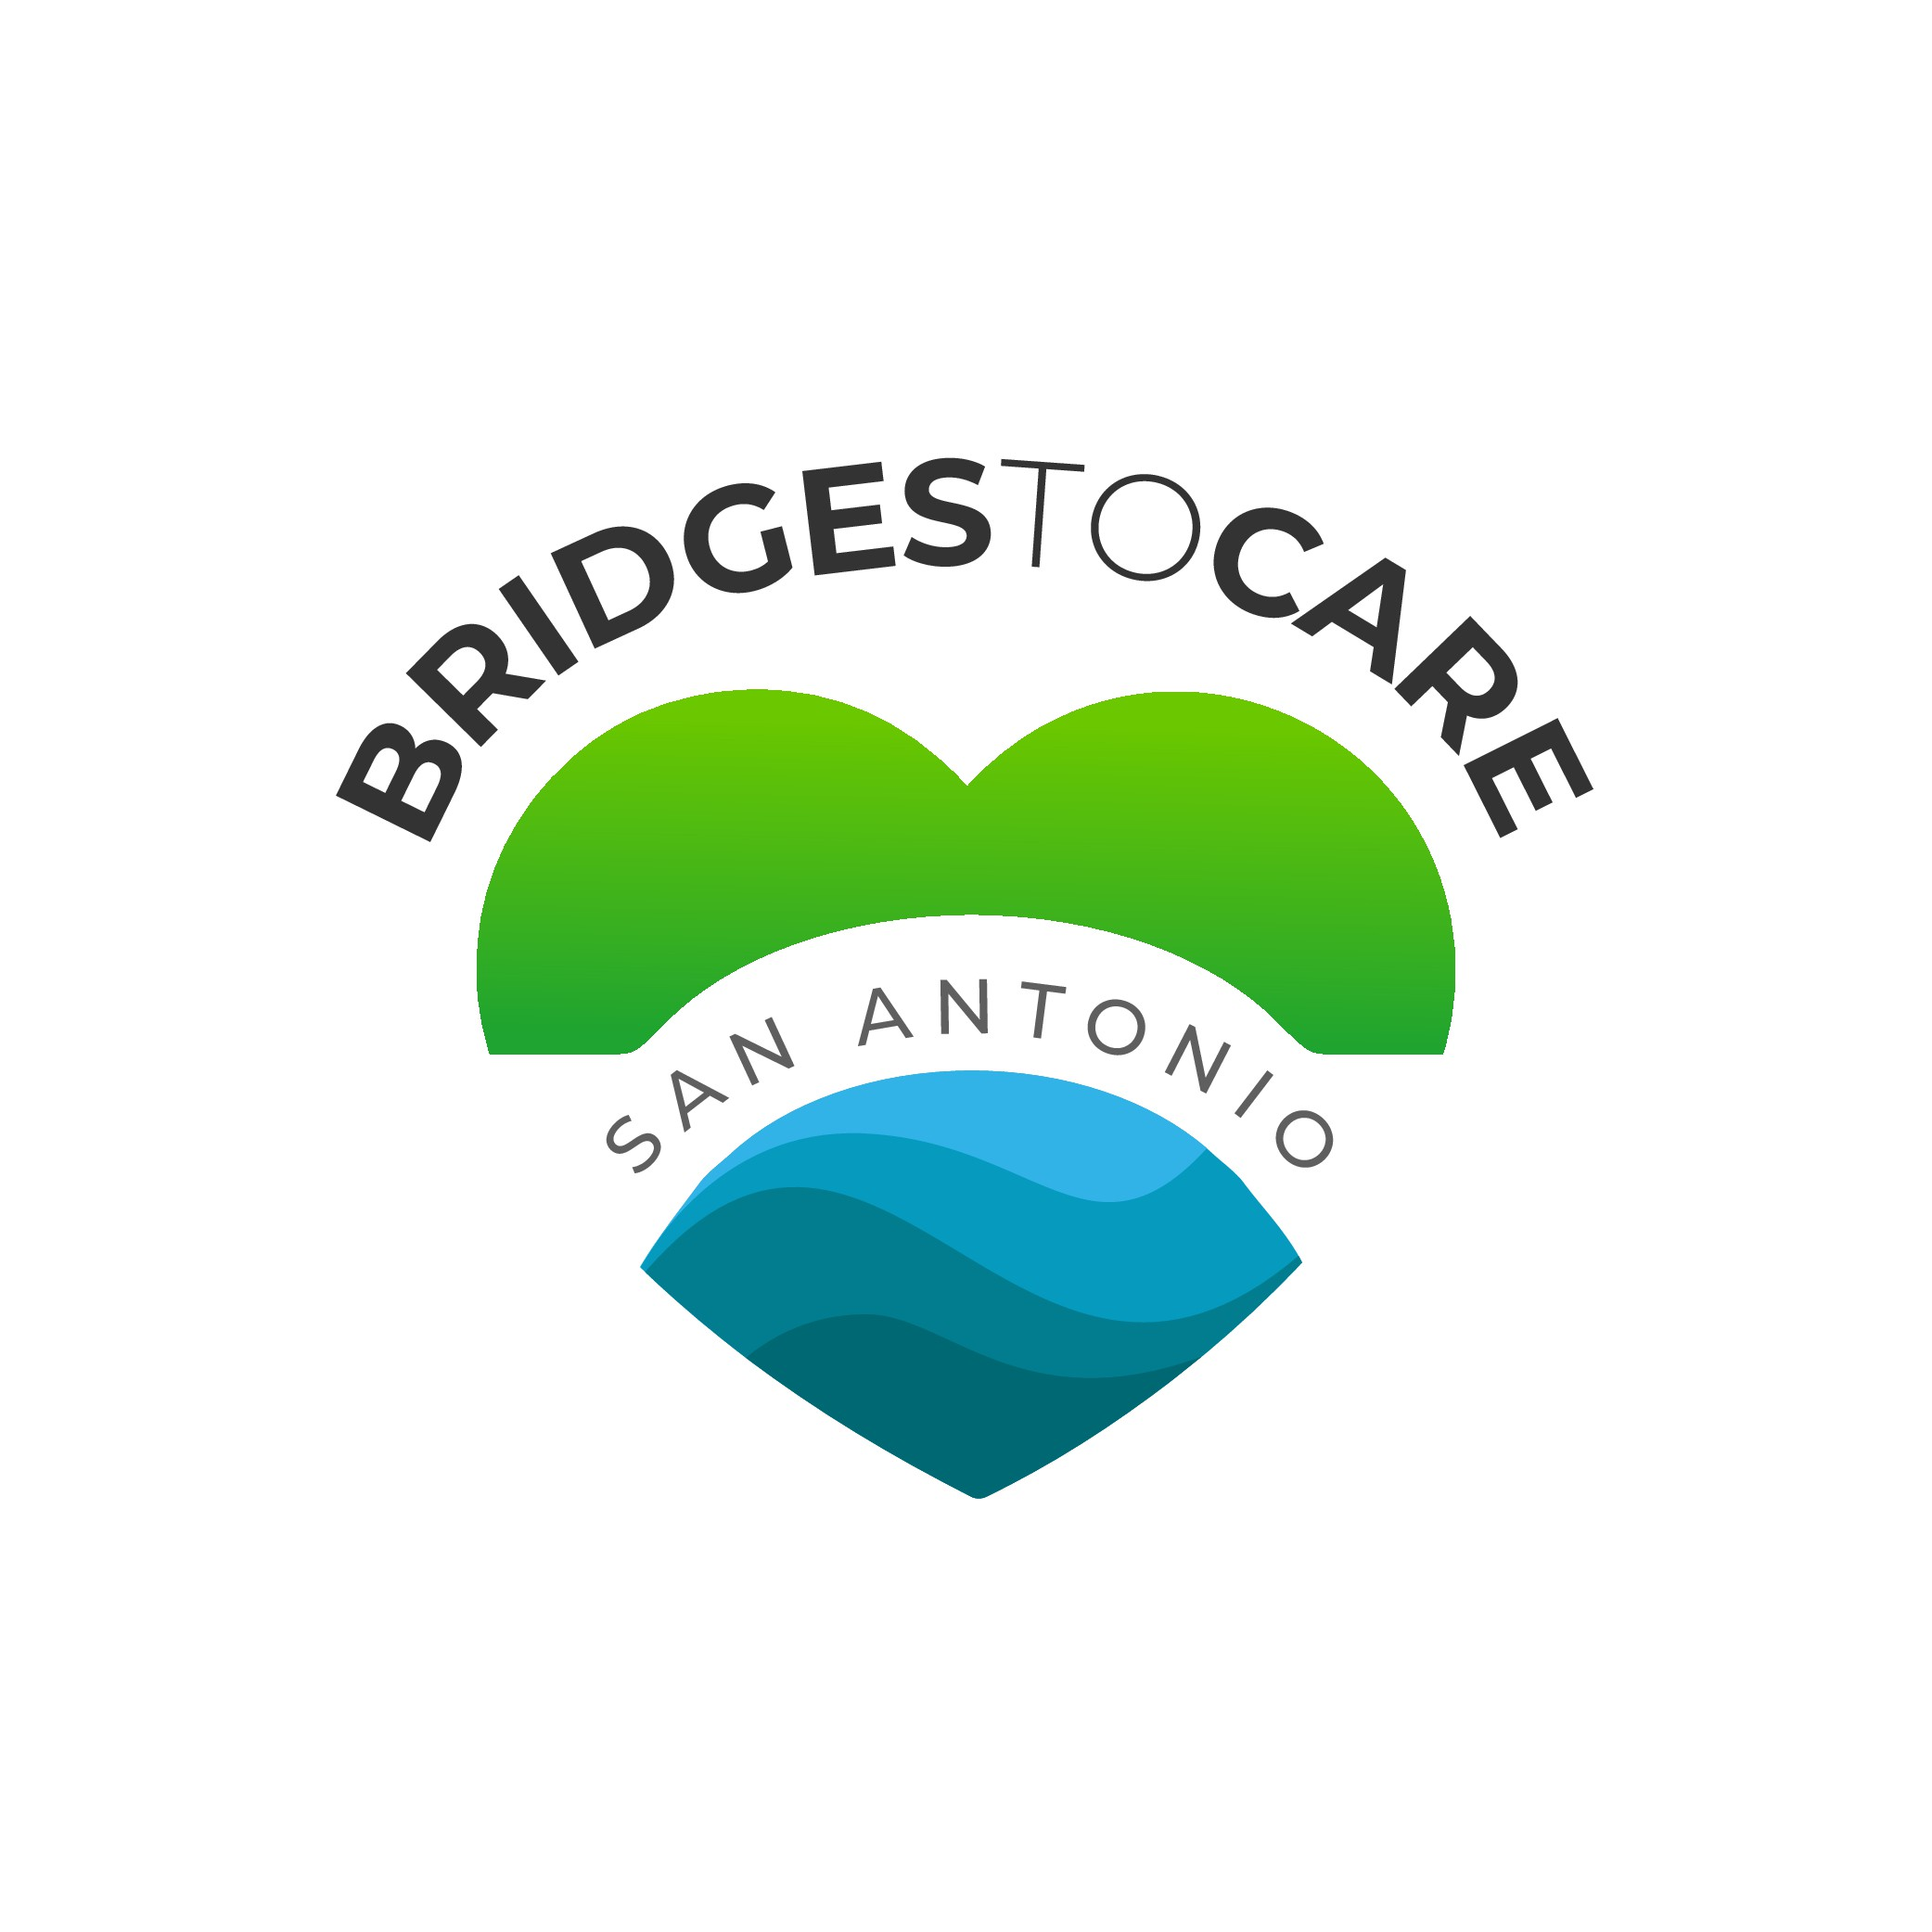 Bridges in San Antonio SAVE LIVES Contest